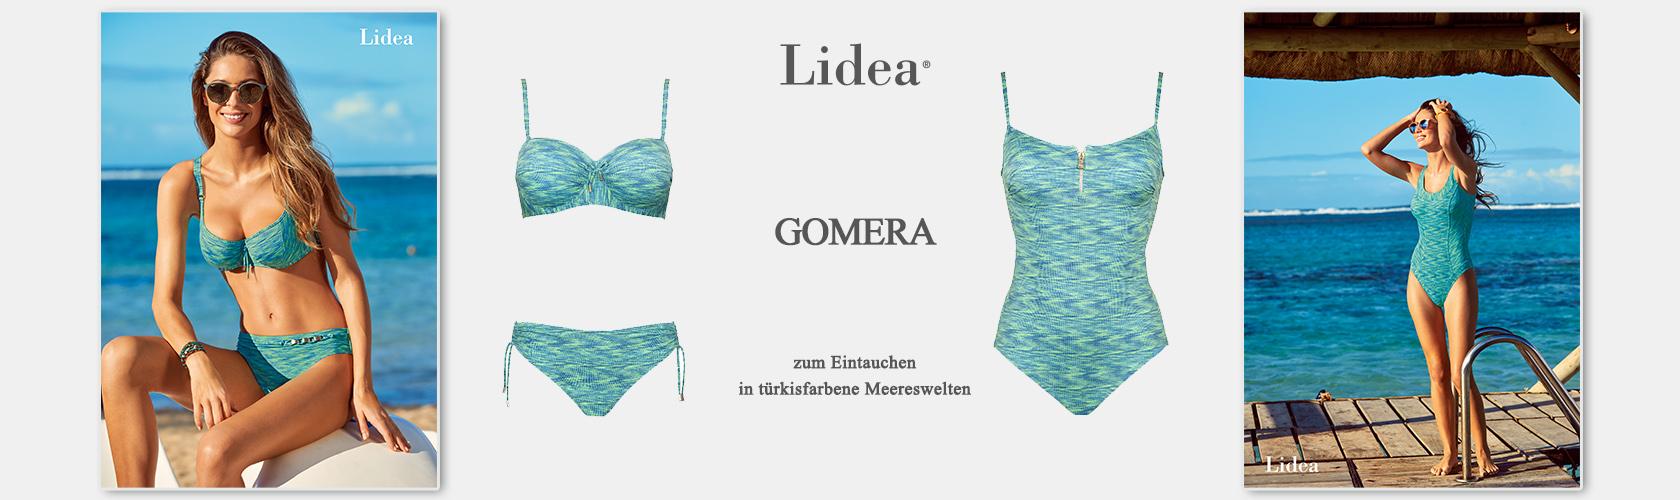 Slideshow GOMERA 11.07.